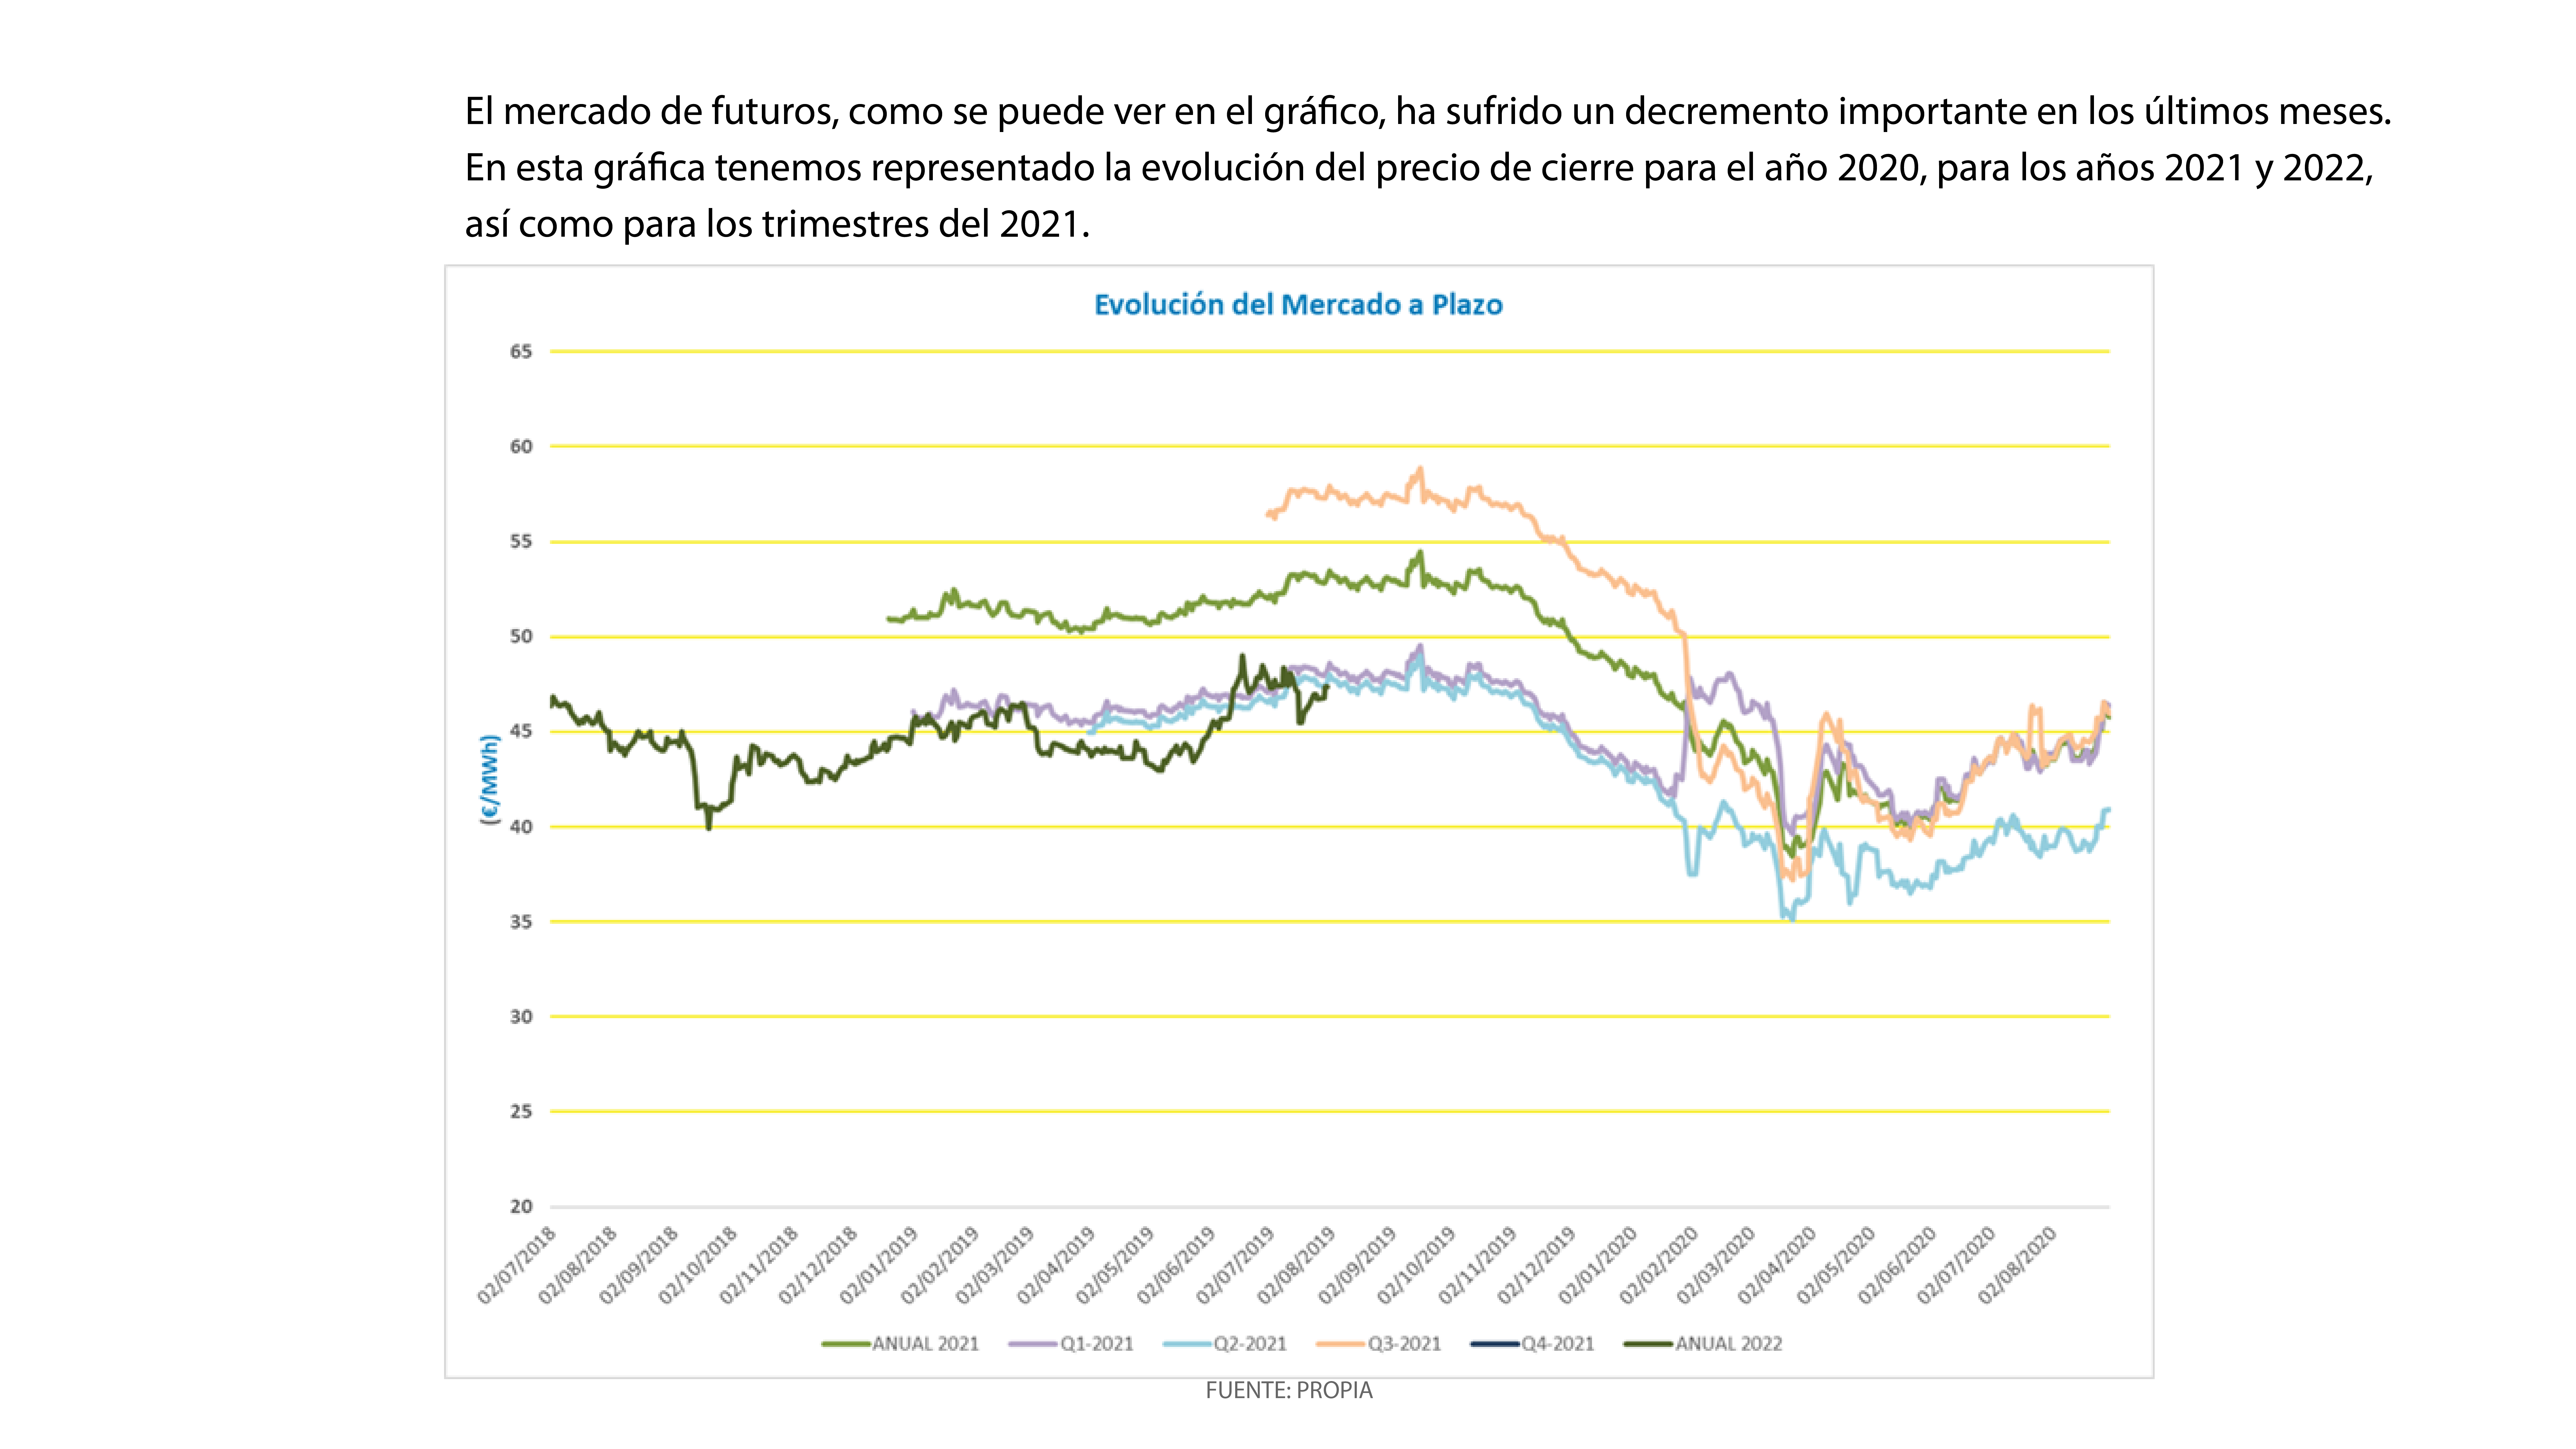 Gráficos que muestran la evolución de las cotizaciones del mercado de futuros